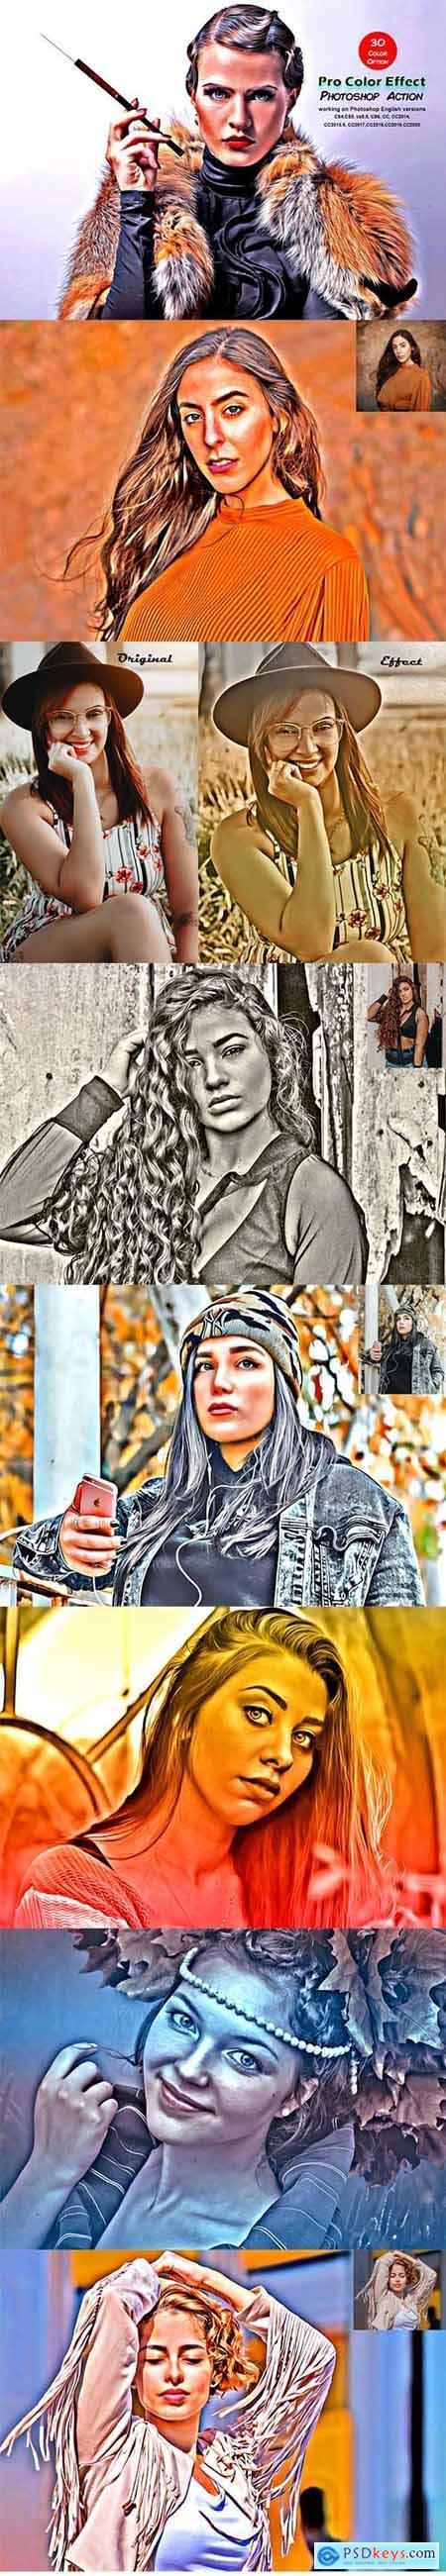 Pro Color Effect Photoshop Action 5521924